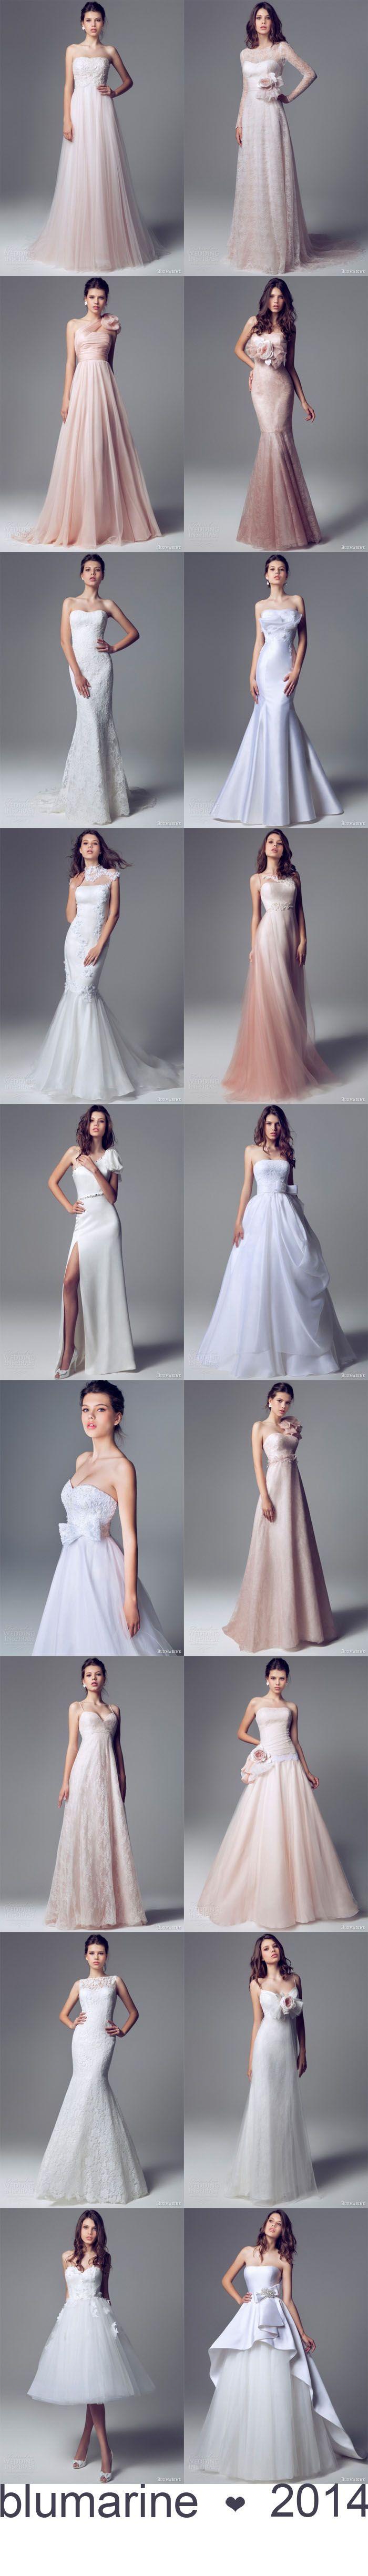 Elegancia & báj: Blumarine 2014 kollekció | Esküvőhírek - végig Veled!  A Blumarine 2014-es menyasszonyi ruhakollekciója a nőies, elegáns vonalakról és a gyengéd árnyalatokról szól.  További ruhák és esküvői tippek itt: http://eskuvohirek.hu/hiressegek_stilus/elegancia-baj-blumarine-2014-kollekcio